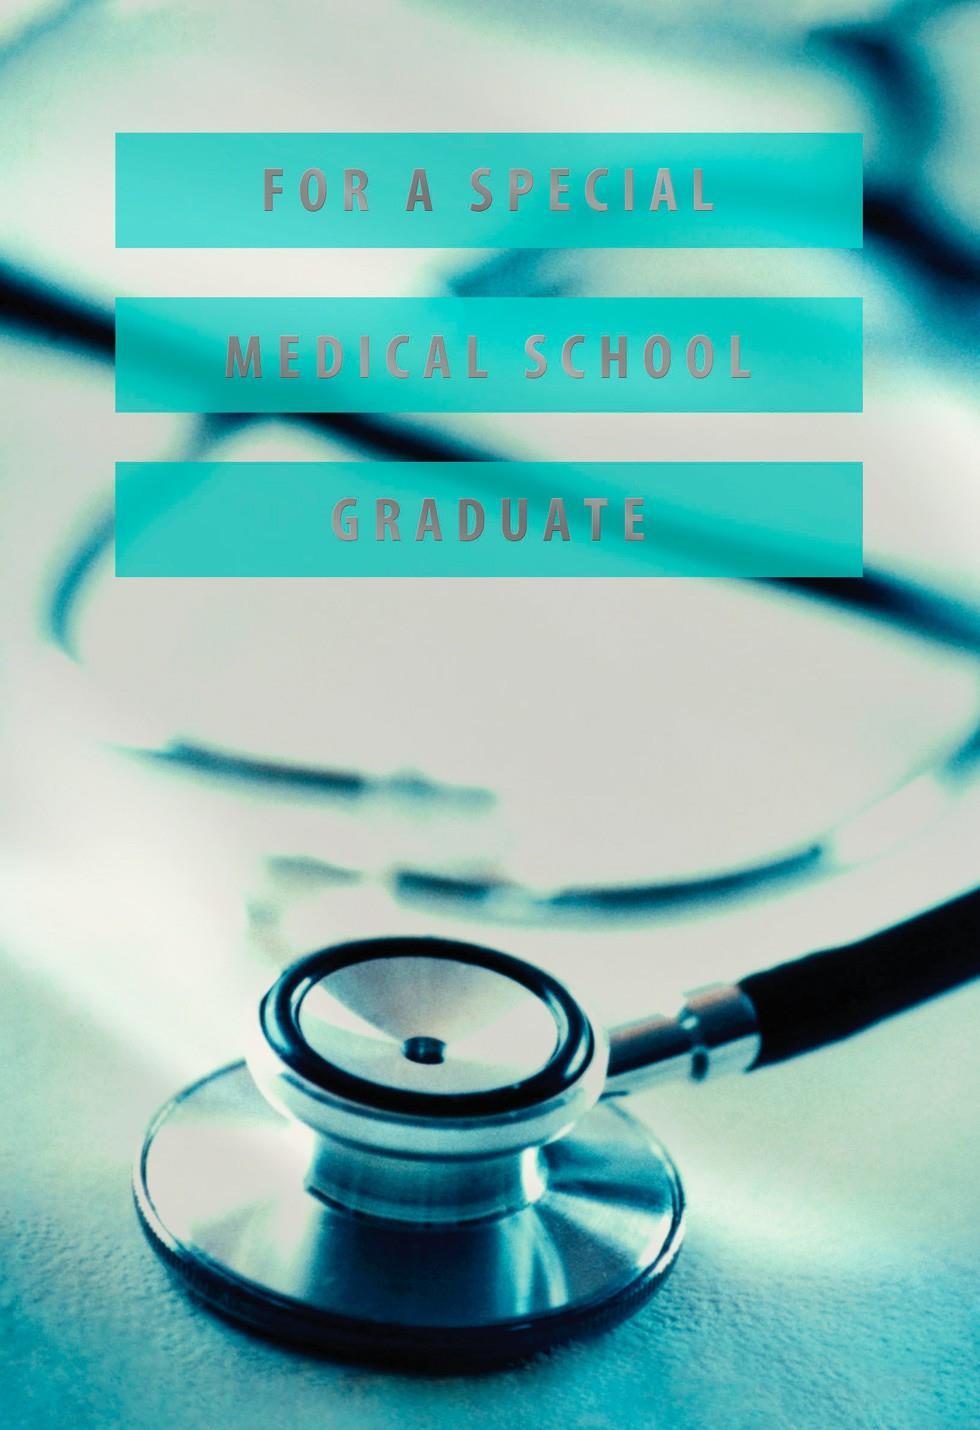 medical school stethoscope graduation card